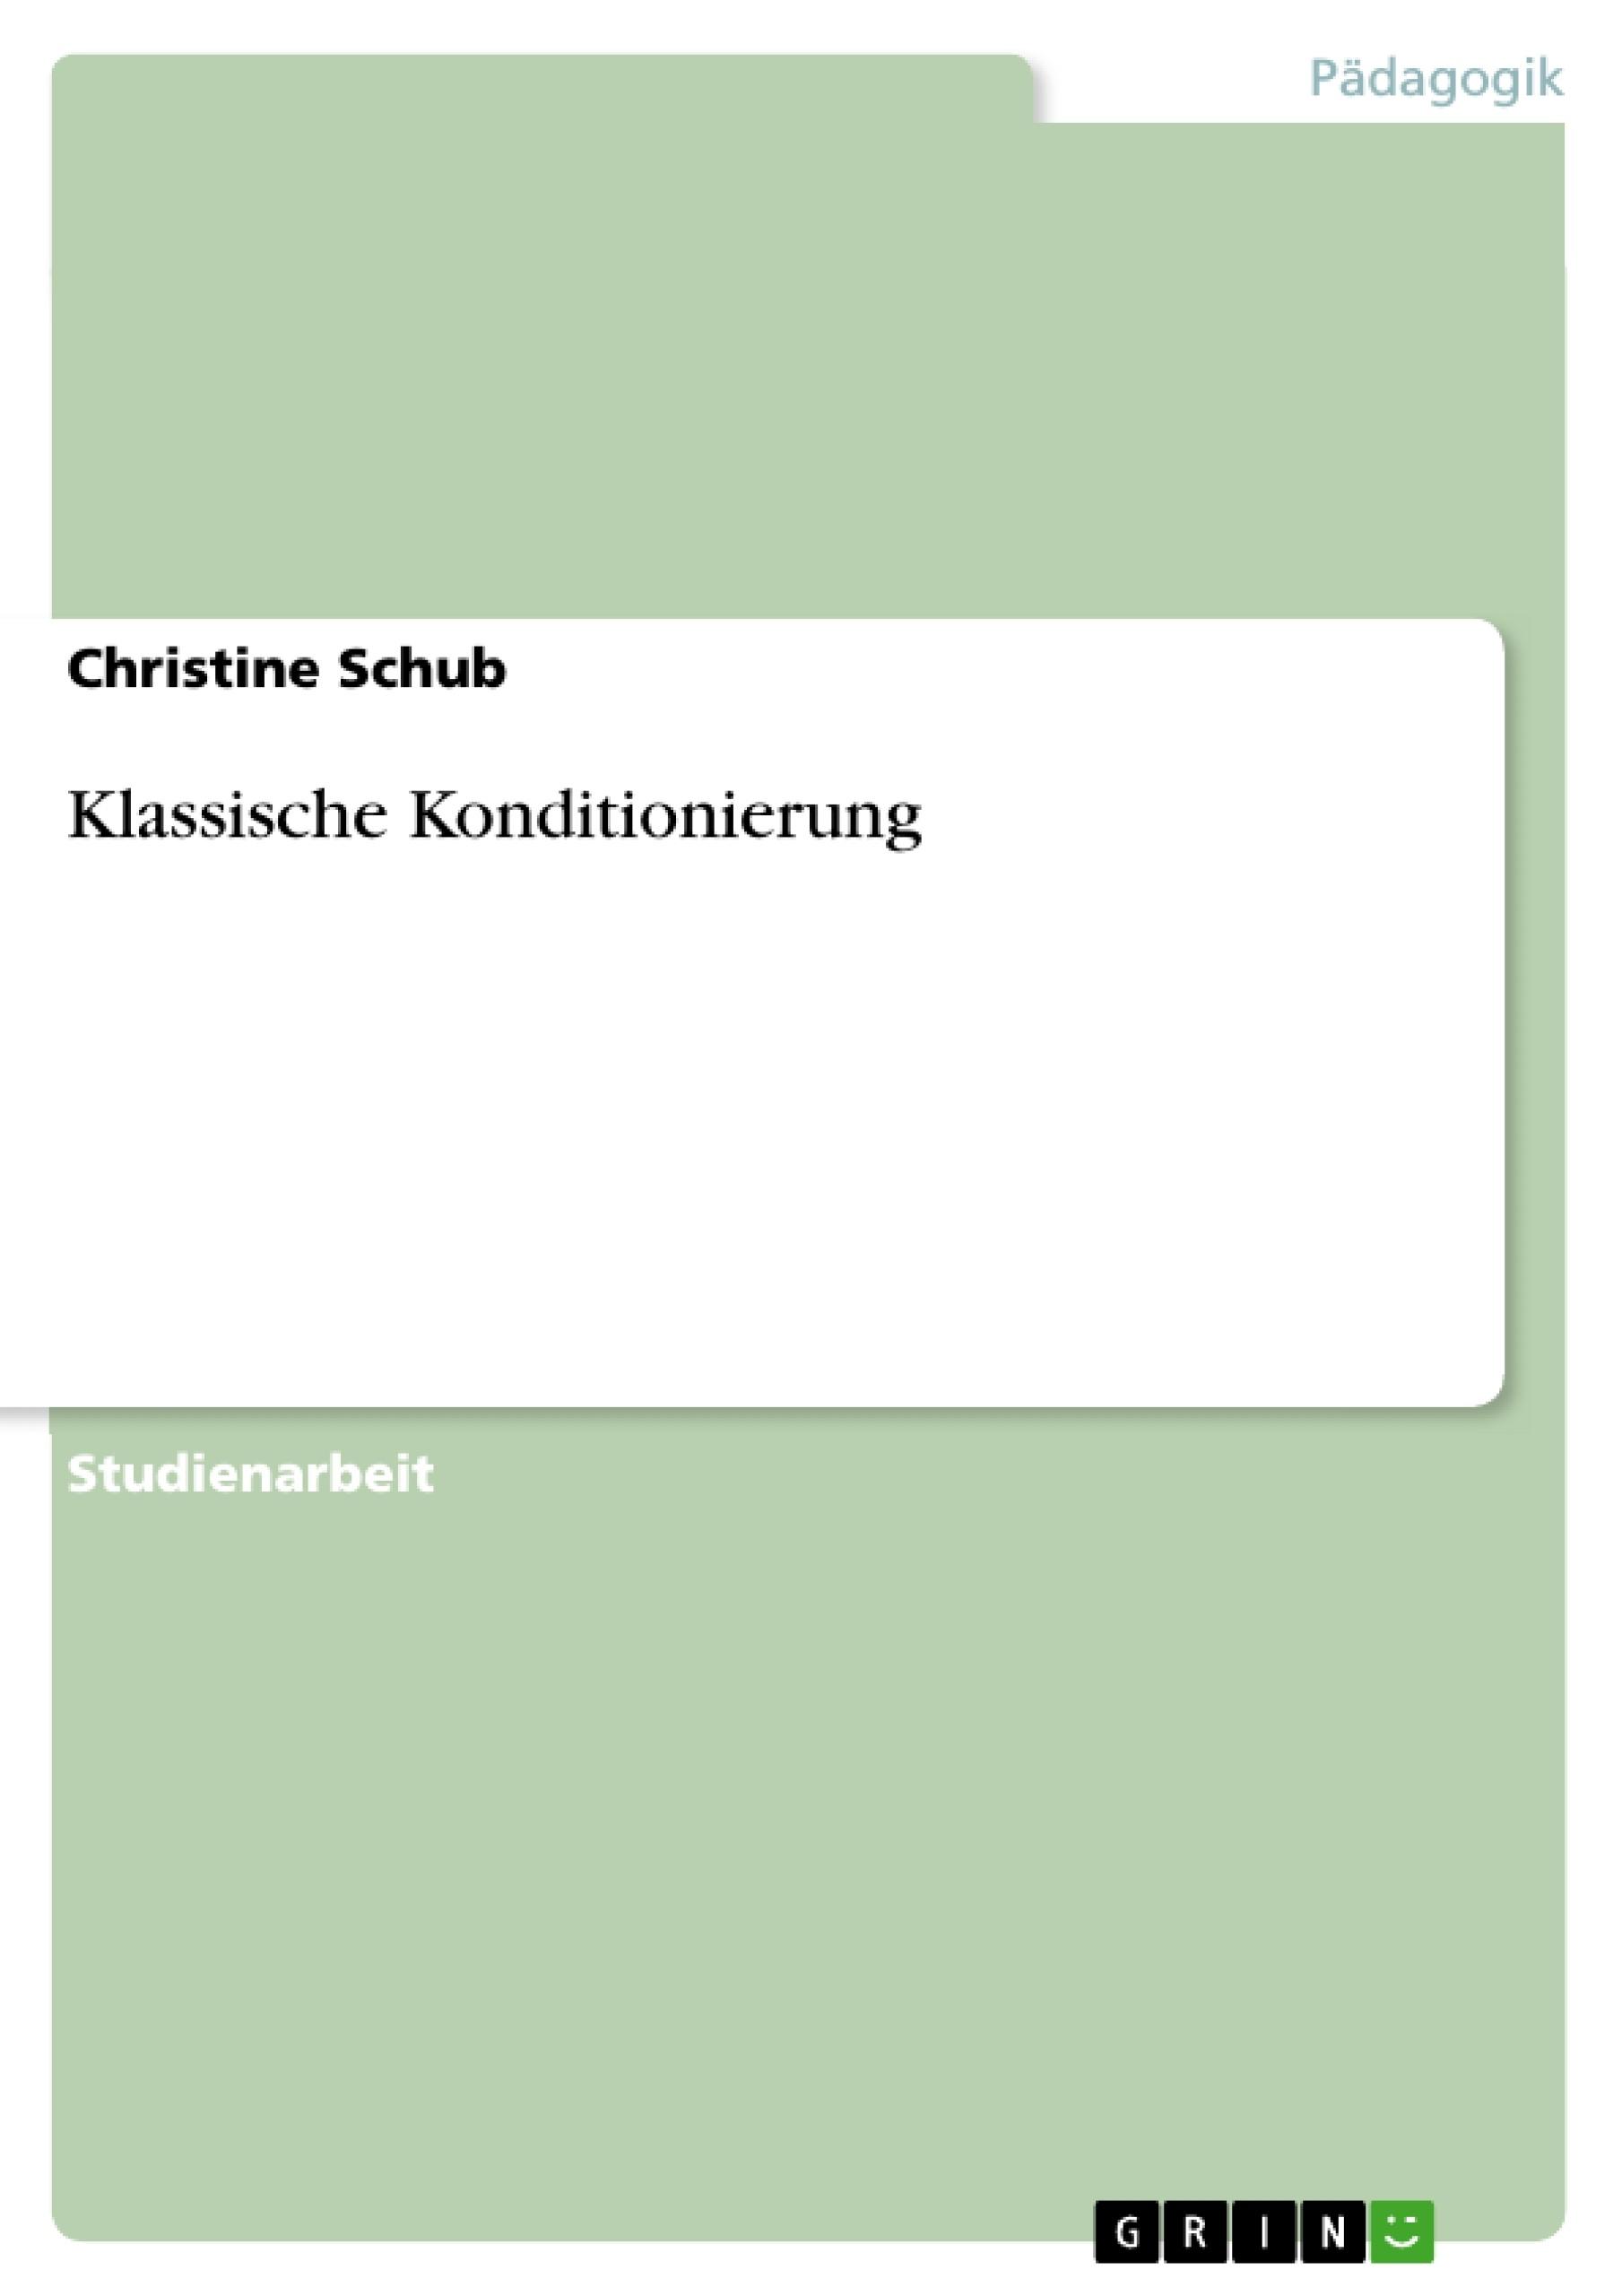 Titel: Klassische Konditionierung